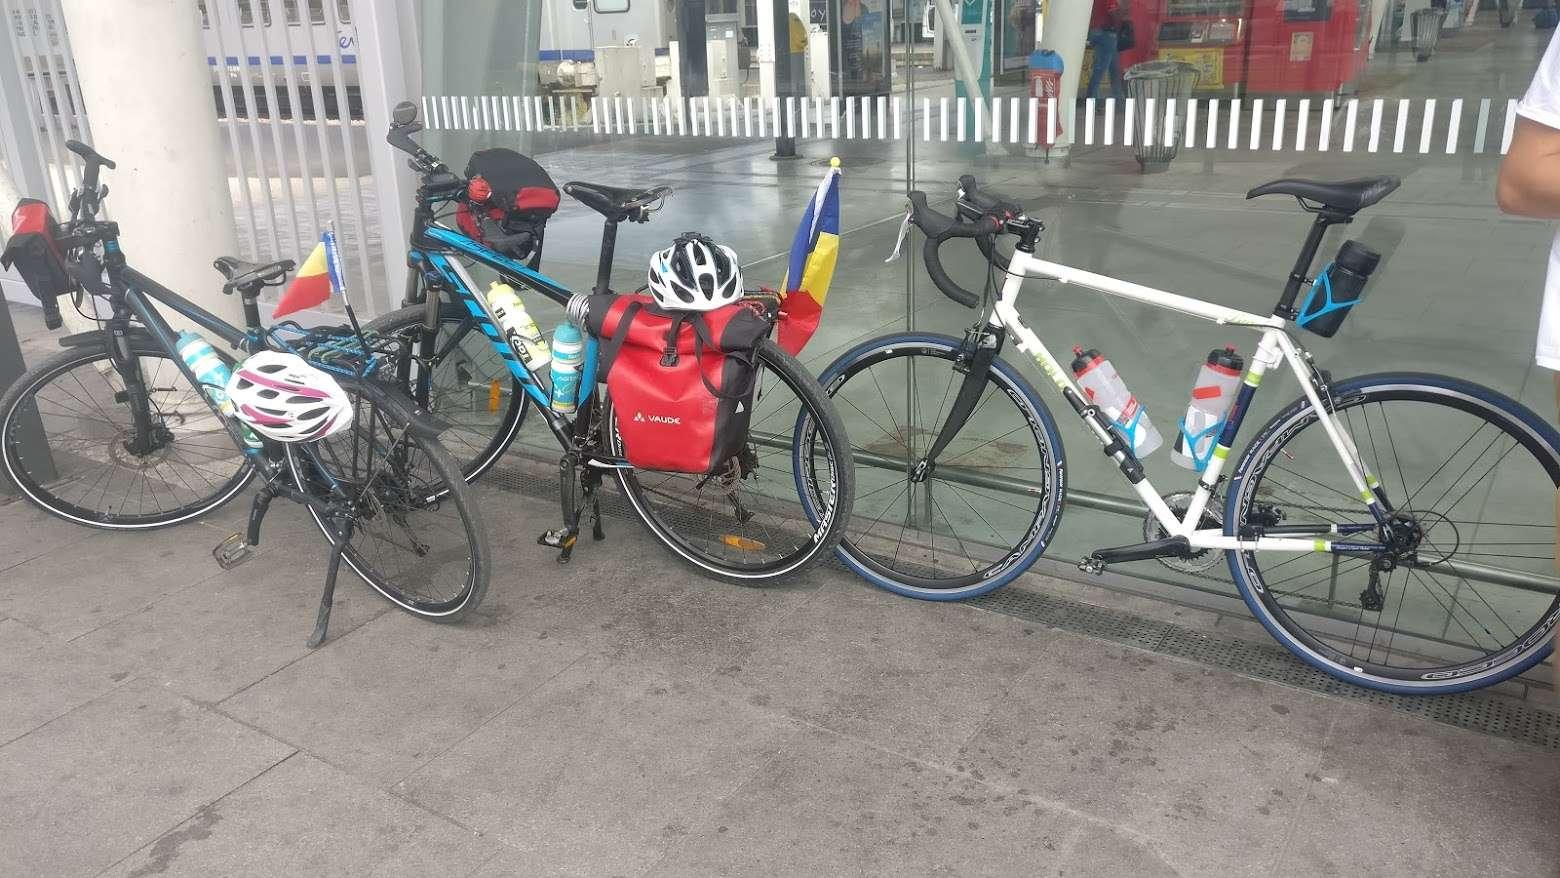 Doi tineri au furat bicicletele din fața localului